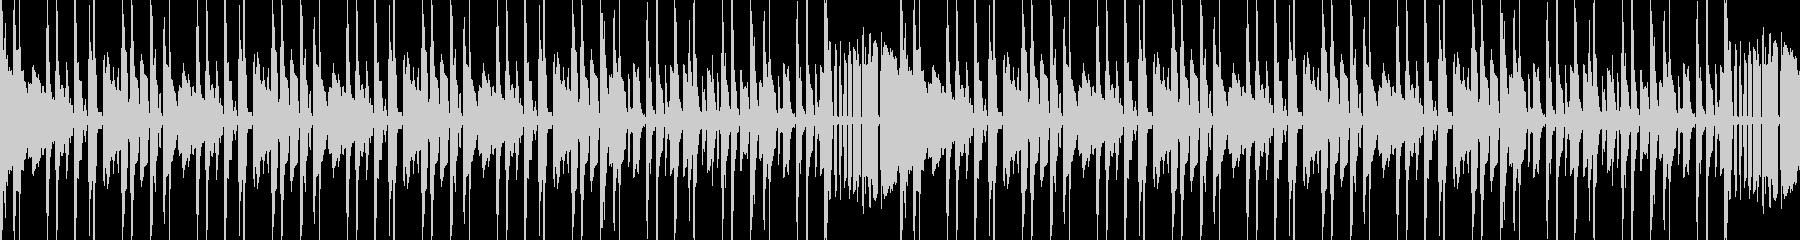 【ぶらり】おっちょこのちょい ループ仕様の未再生の波形